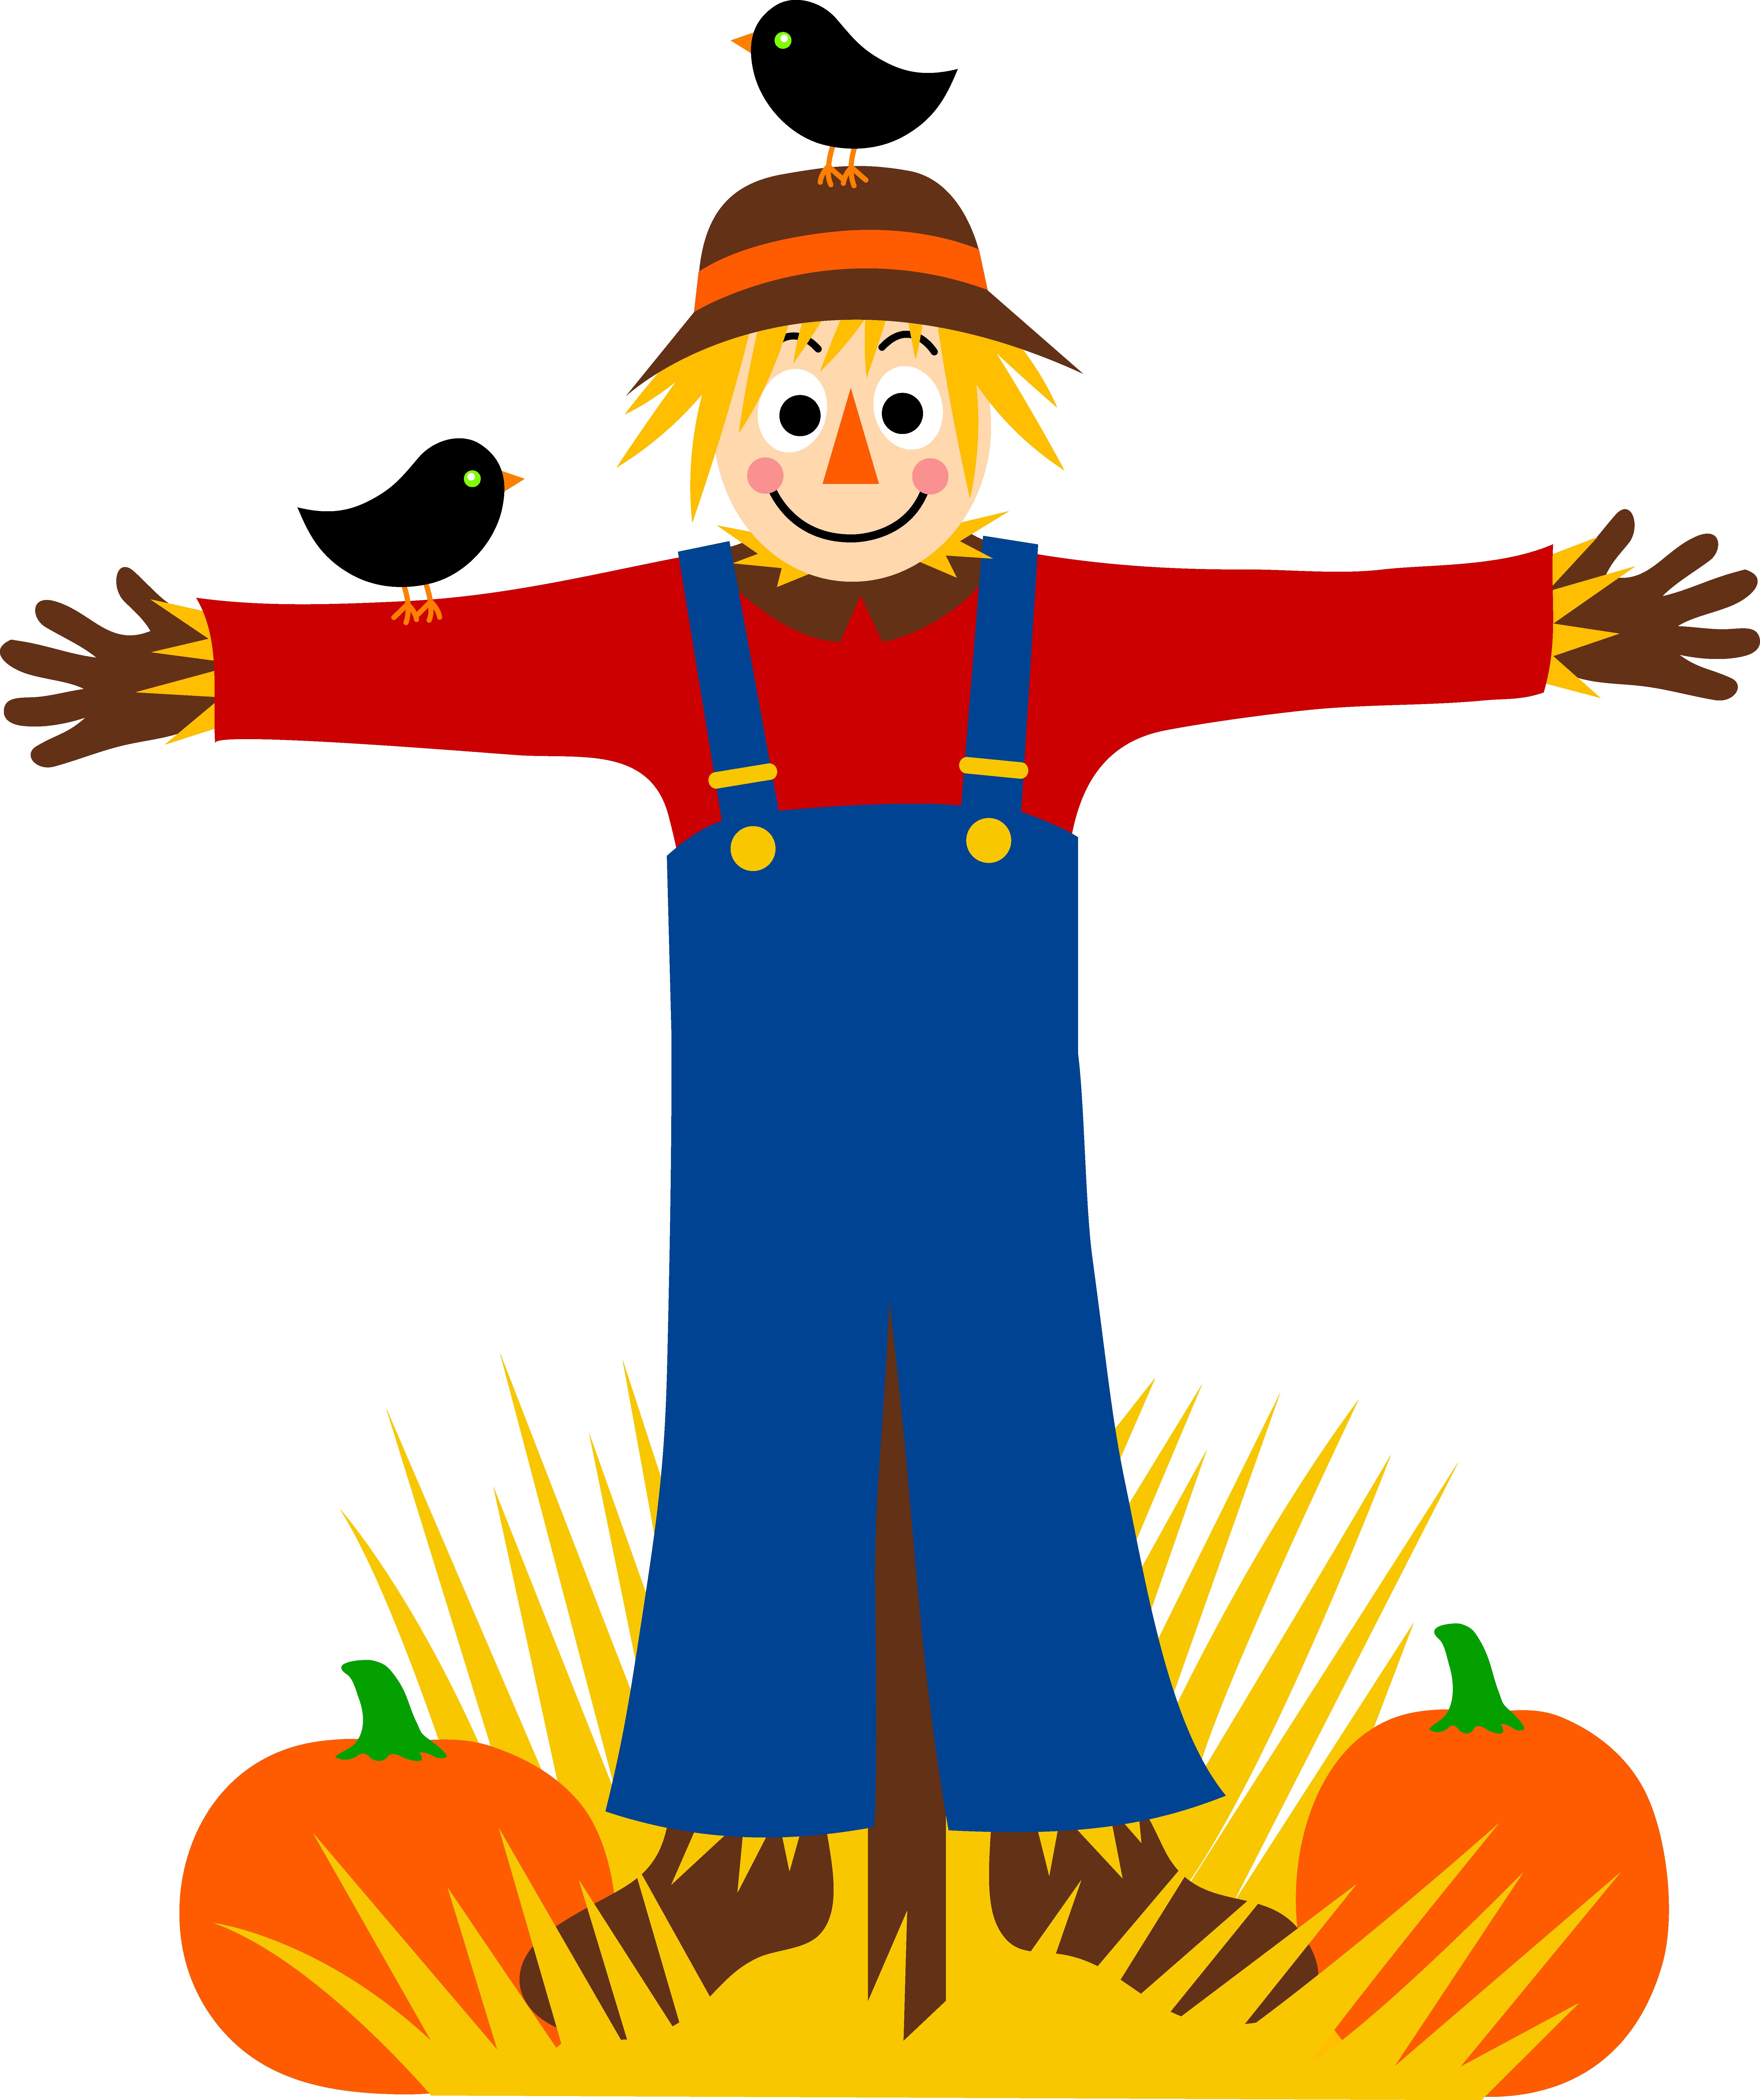 Scarecrows shirt clipart svg transparent download Free Scarecrow, Download Free Clip Art, Free Clip Art on ... svg transparent download